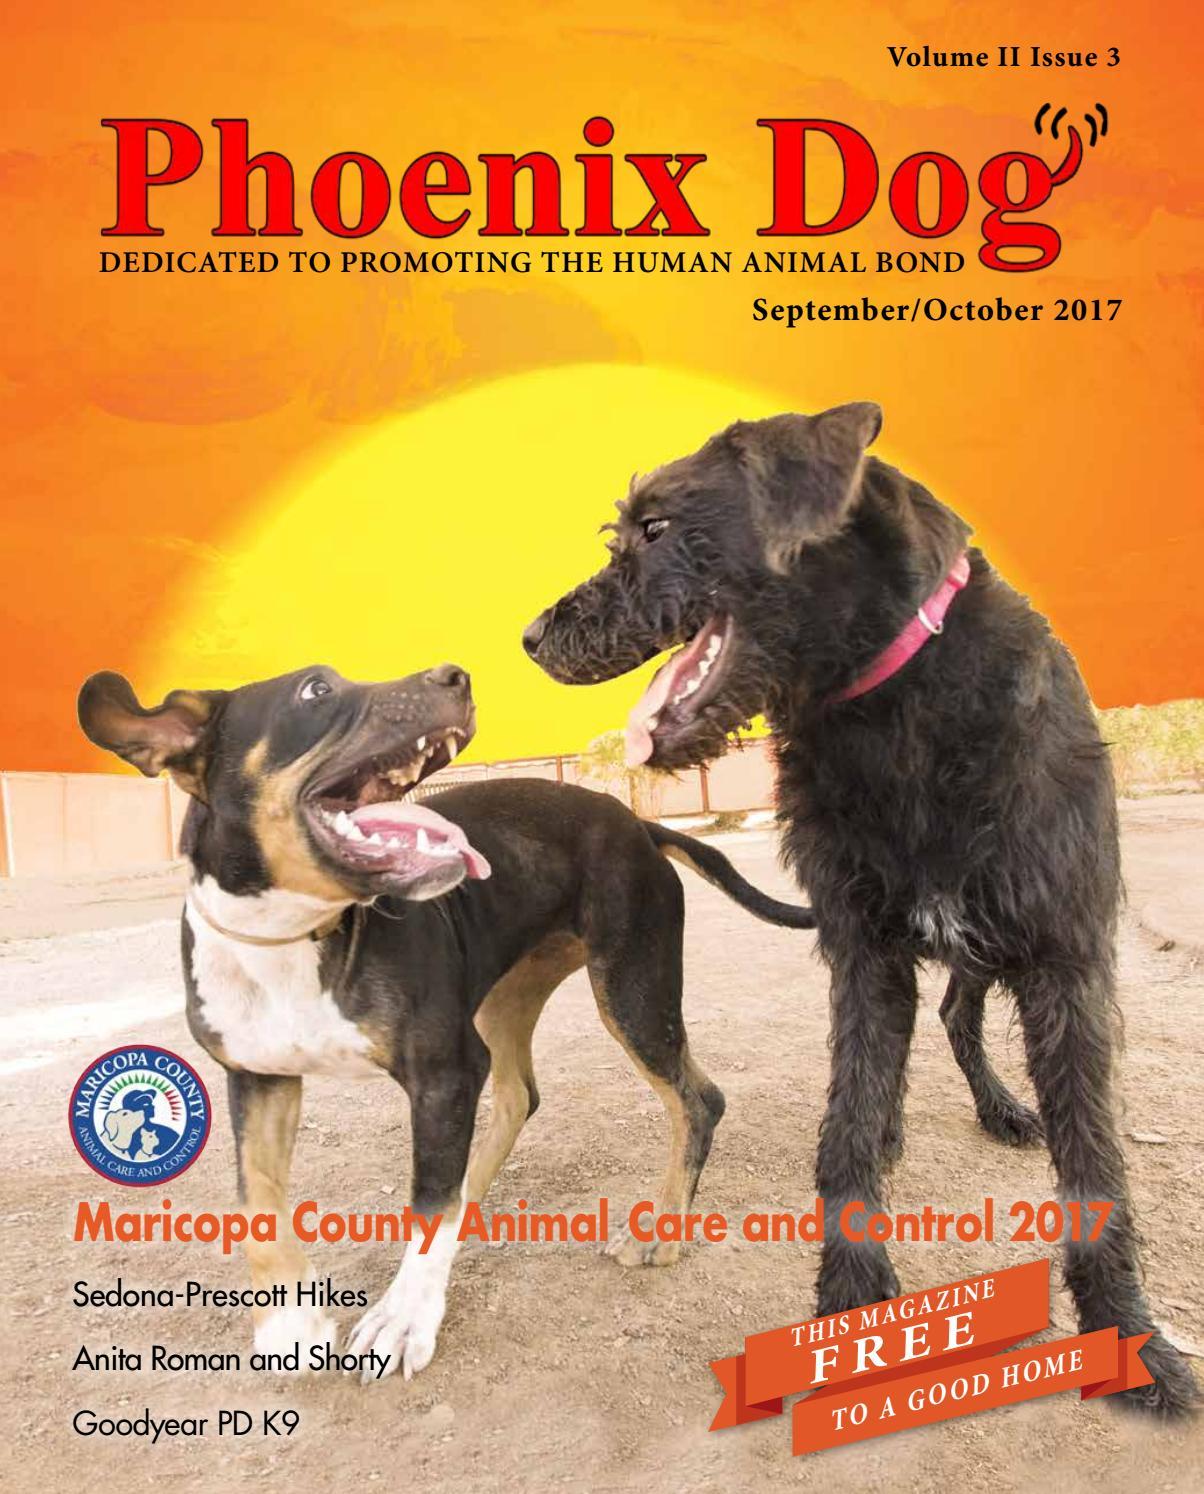 c416ed6bcc1 Phoenix Dog Magazne Sept/Oct 2017 by Phoenix Dog Magazine - issuu